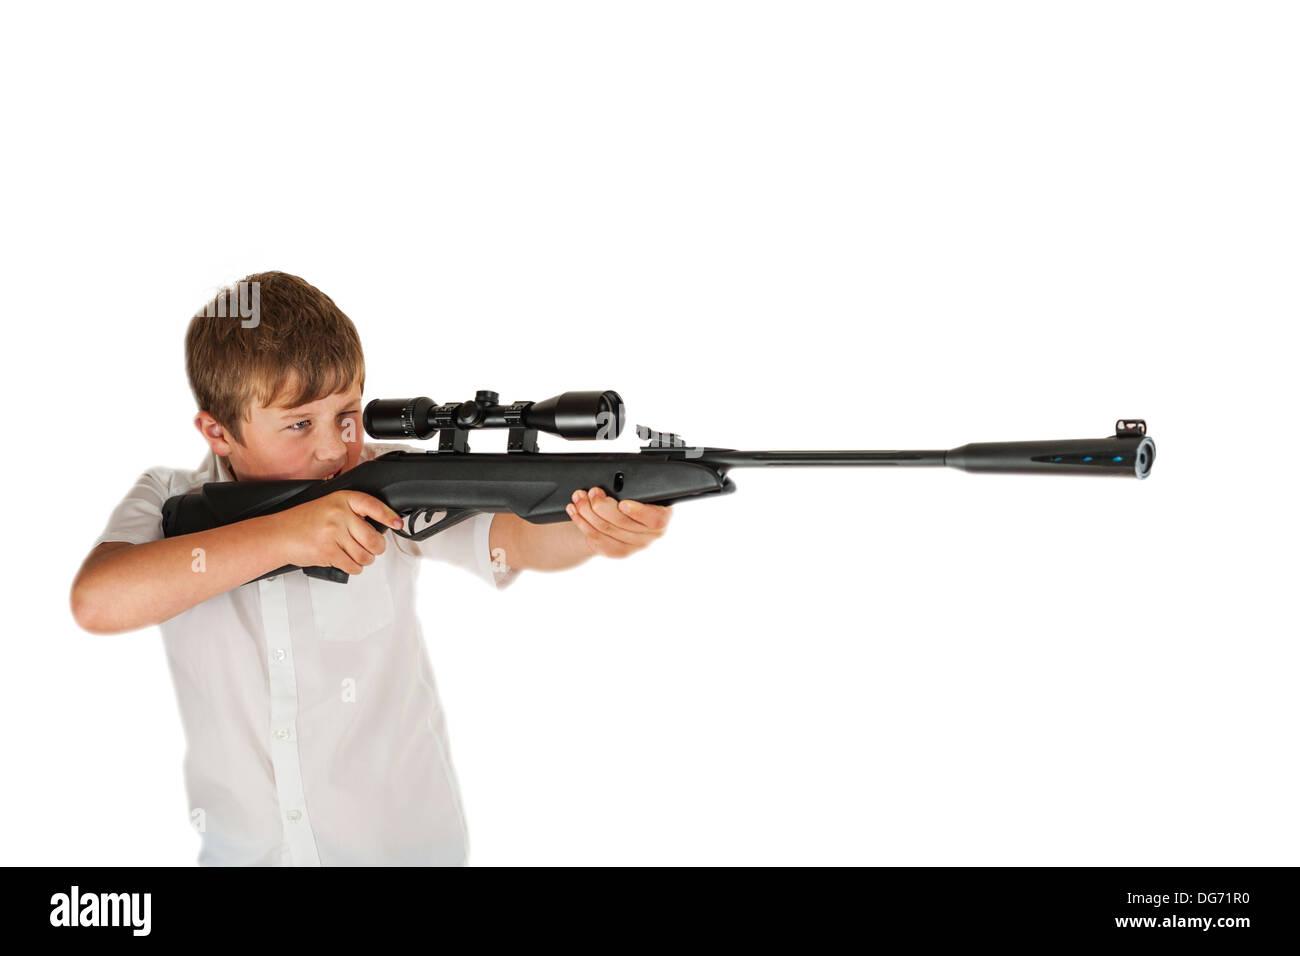 Luftgewehr mit zielfernrohr für die jagd lizenzfreie fotos